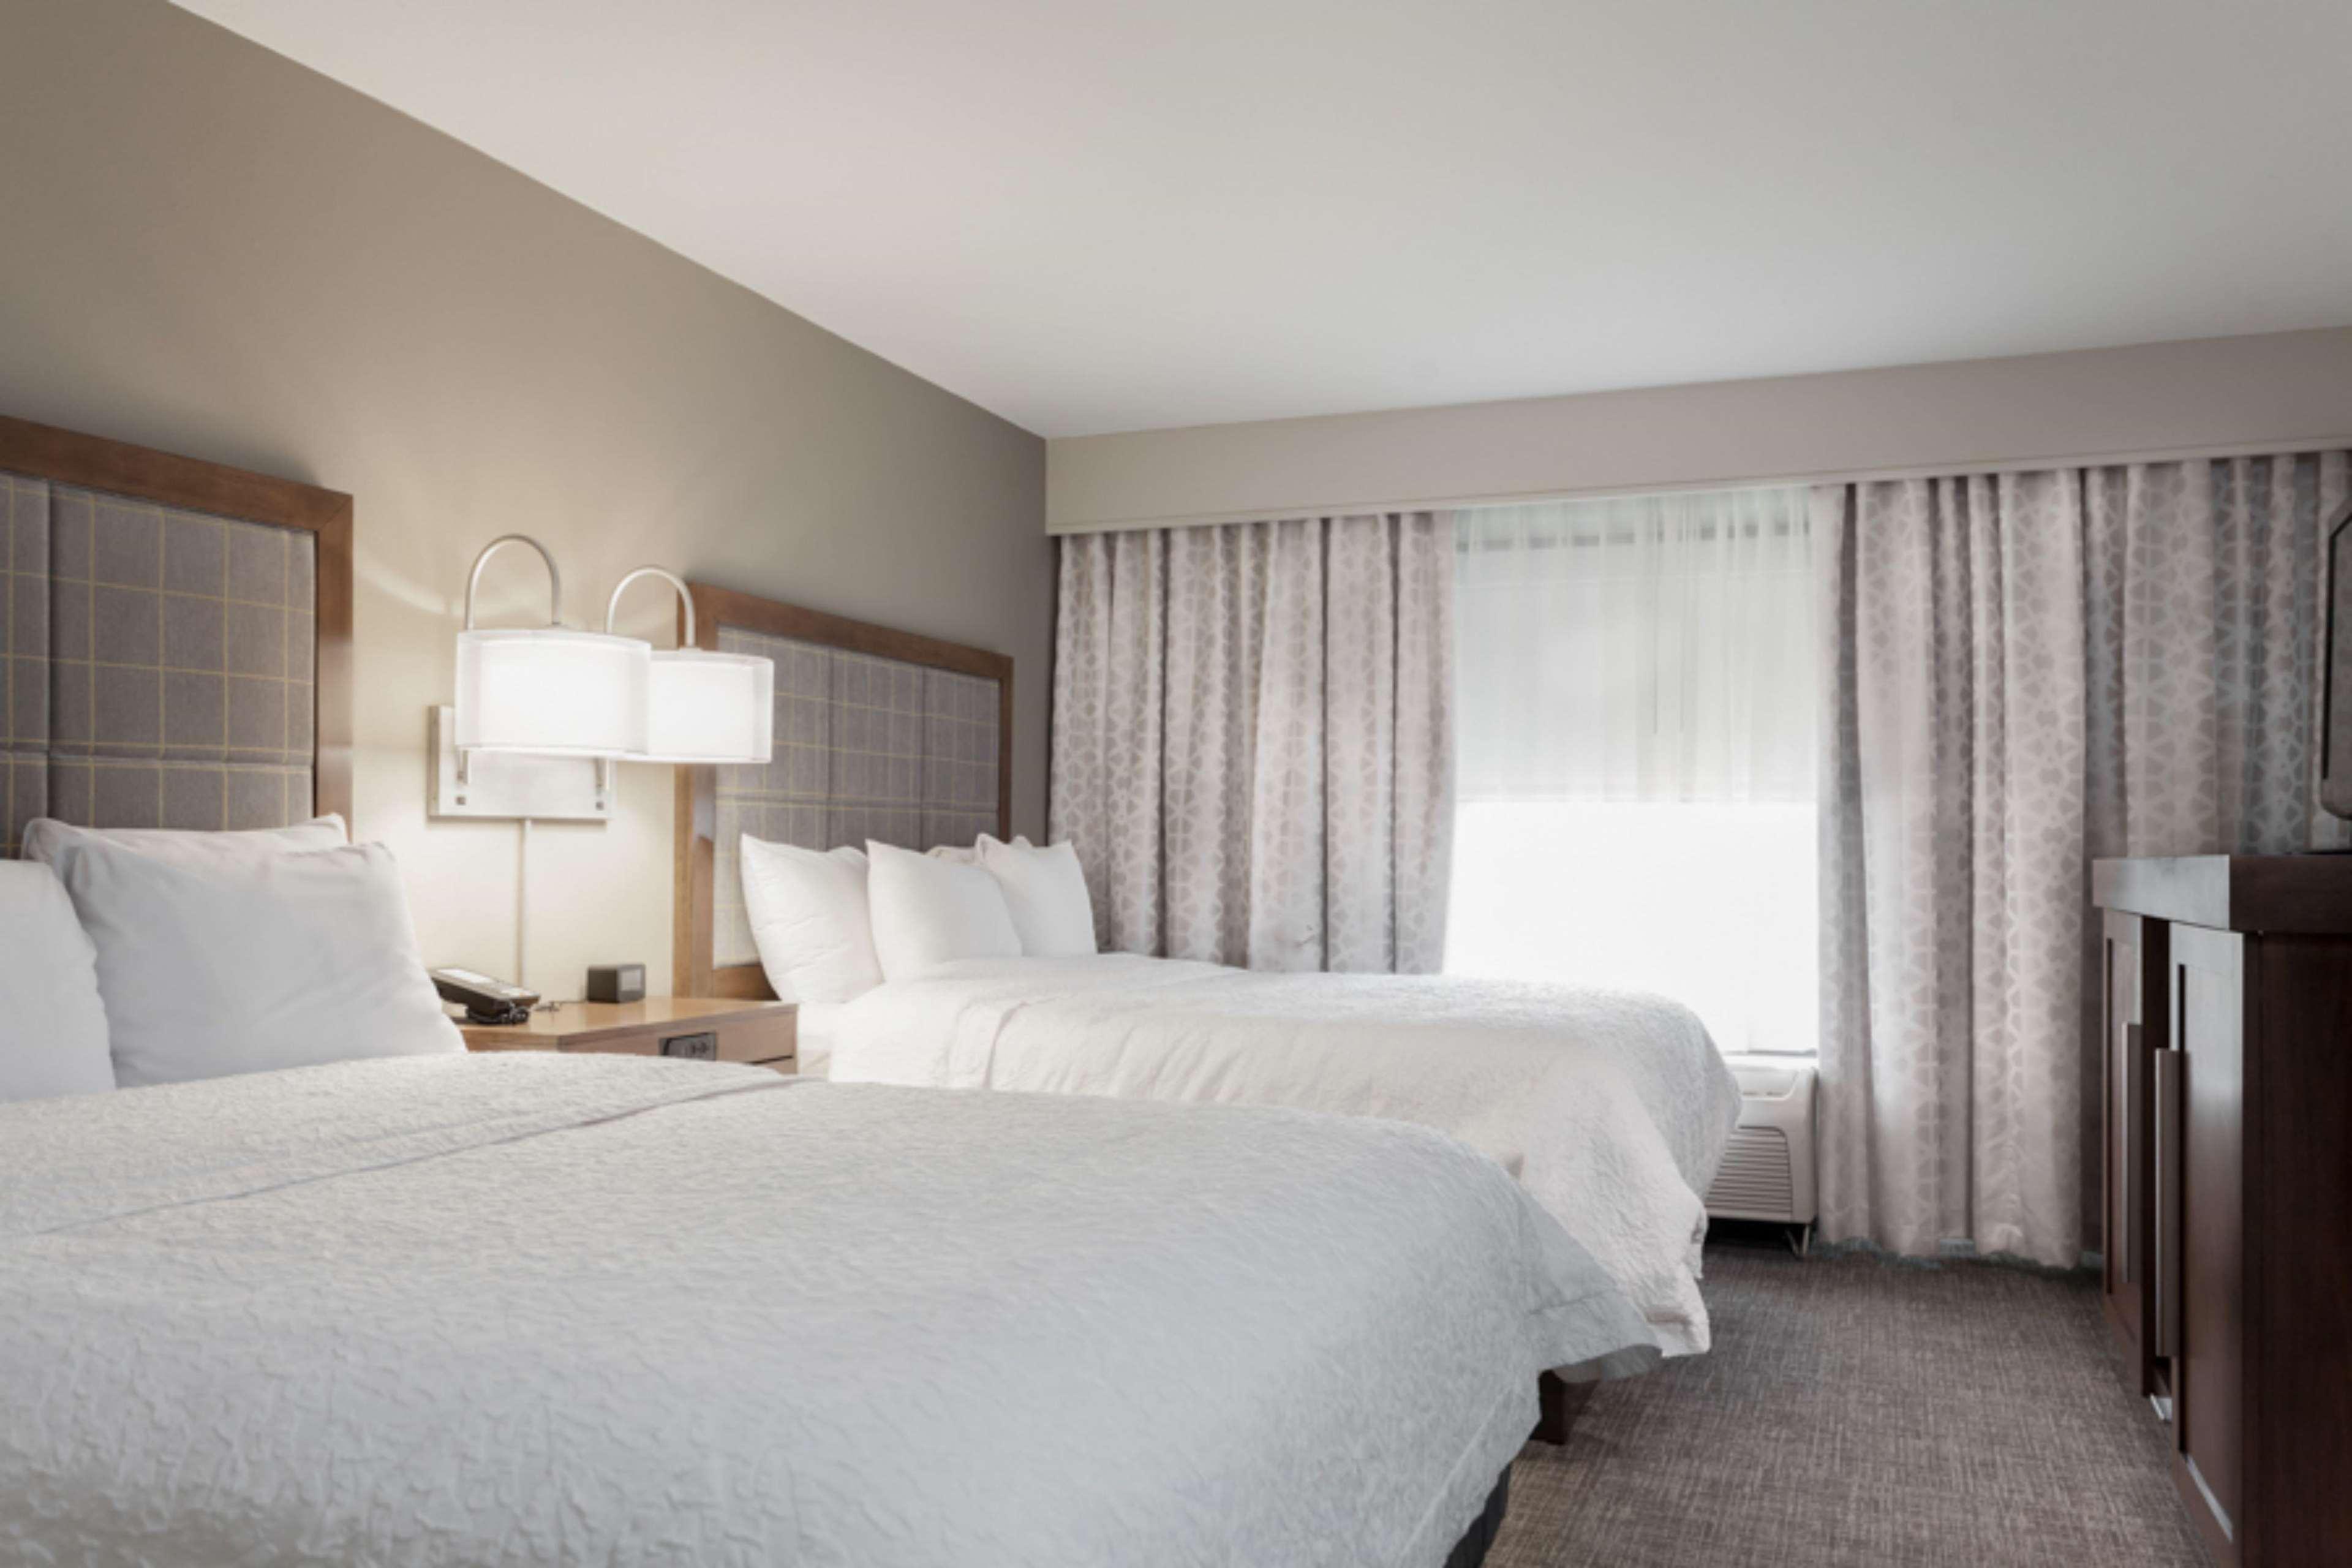 Hampton Inn & Suites Dallas-DFW Airport North-Grapevine in Grapevine, TX, photo #19